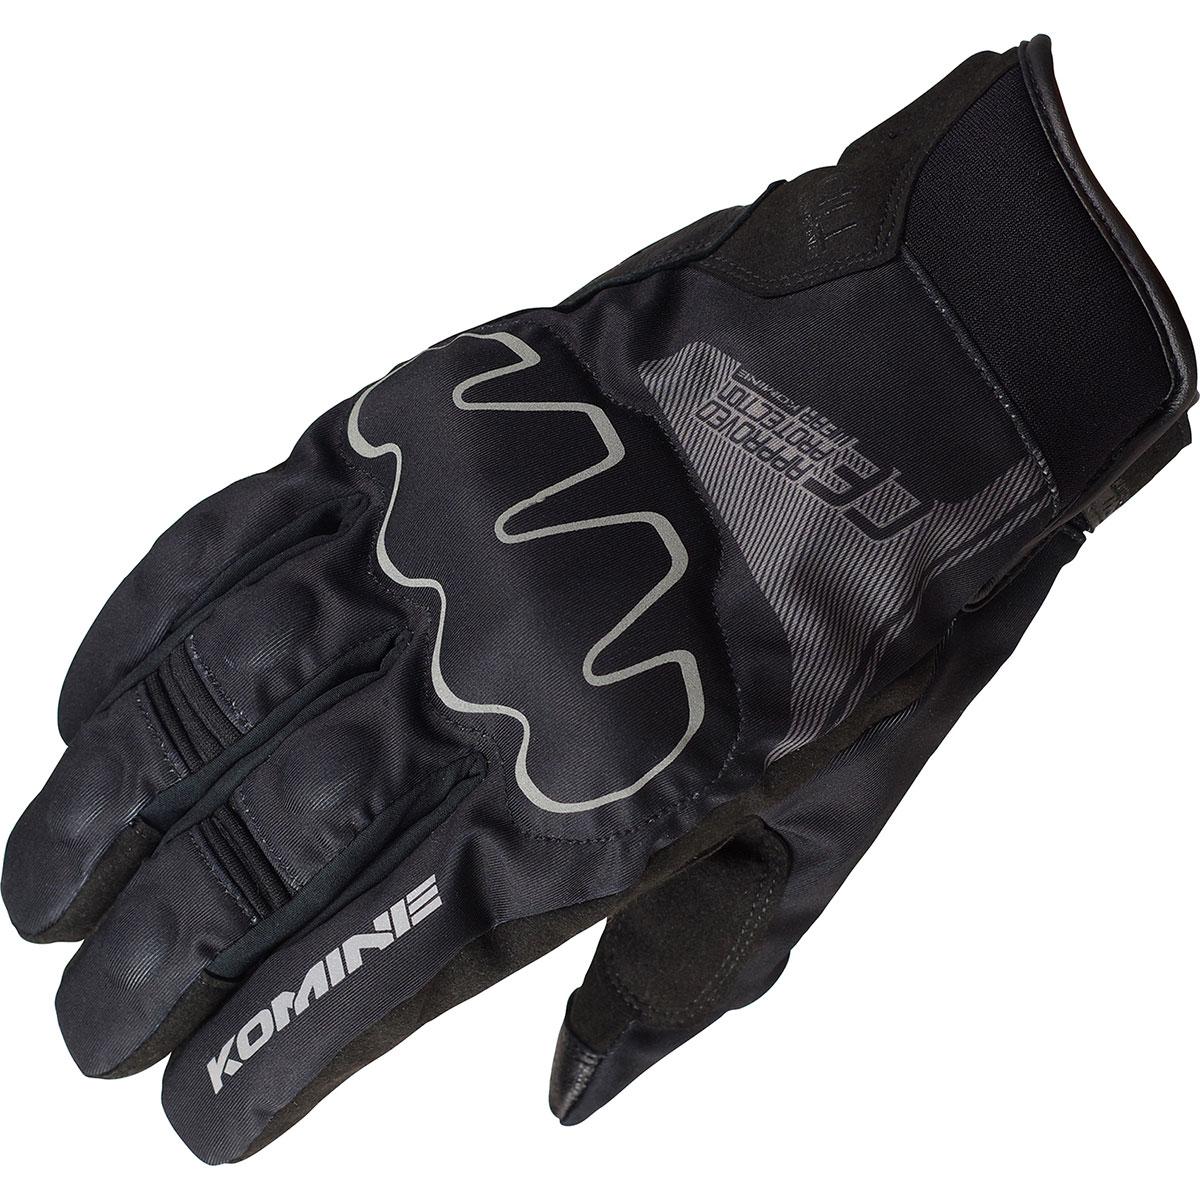 コミネ (Komine) バイク用 グローブ Gloves GK-825 CEプロテクトショートウインターグローブ ブラック 黒 2XLサイズ 06-825/BK/2XL